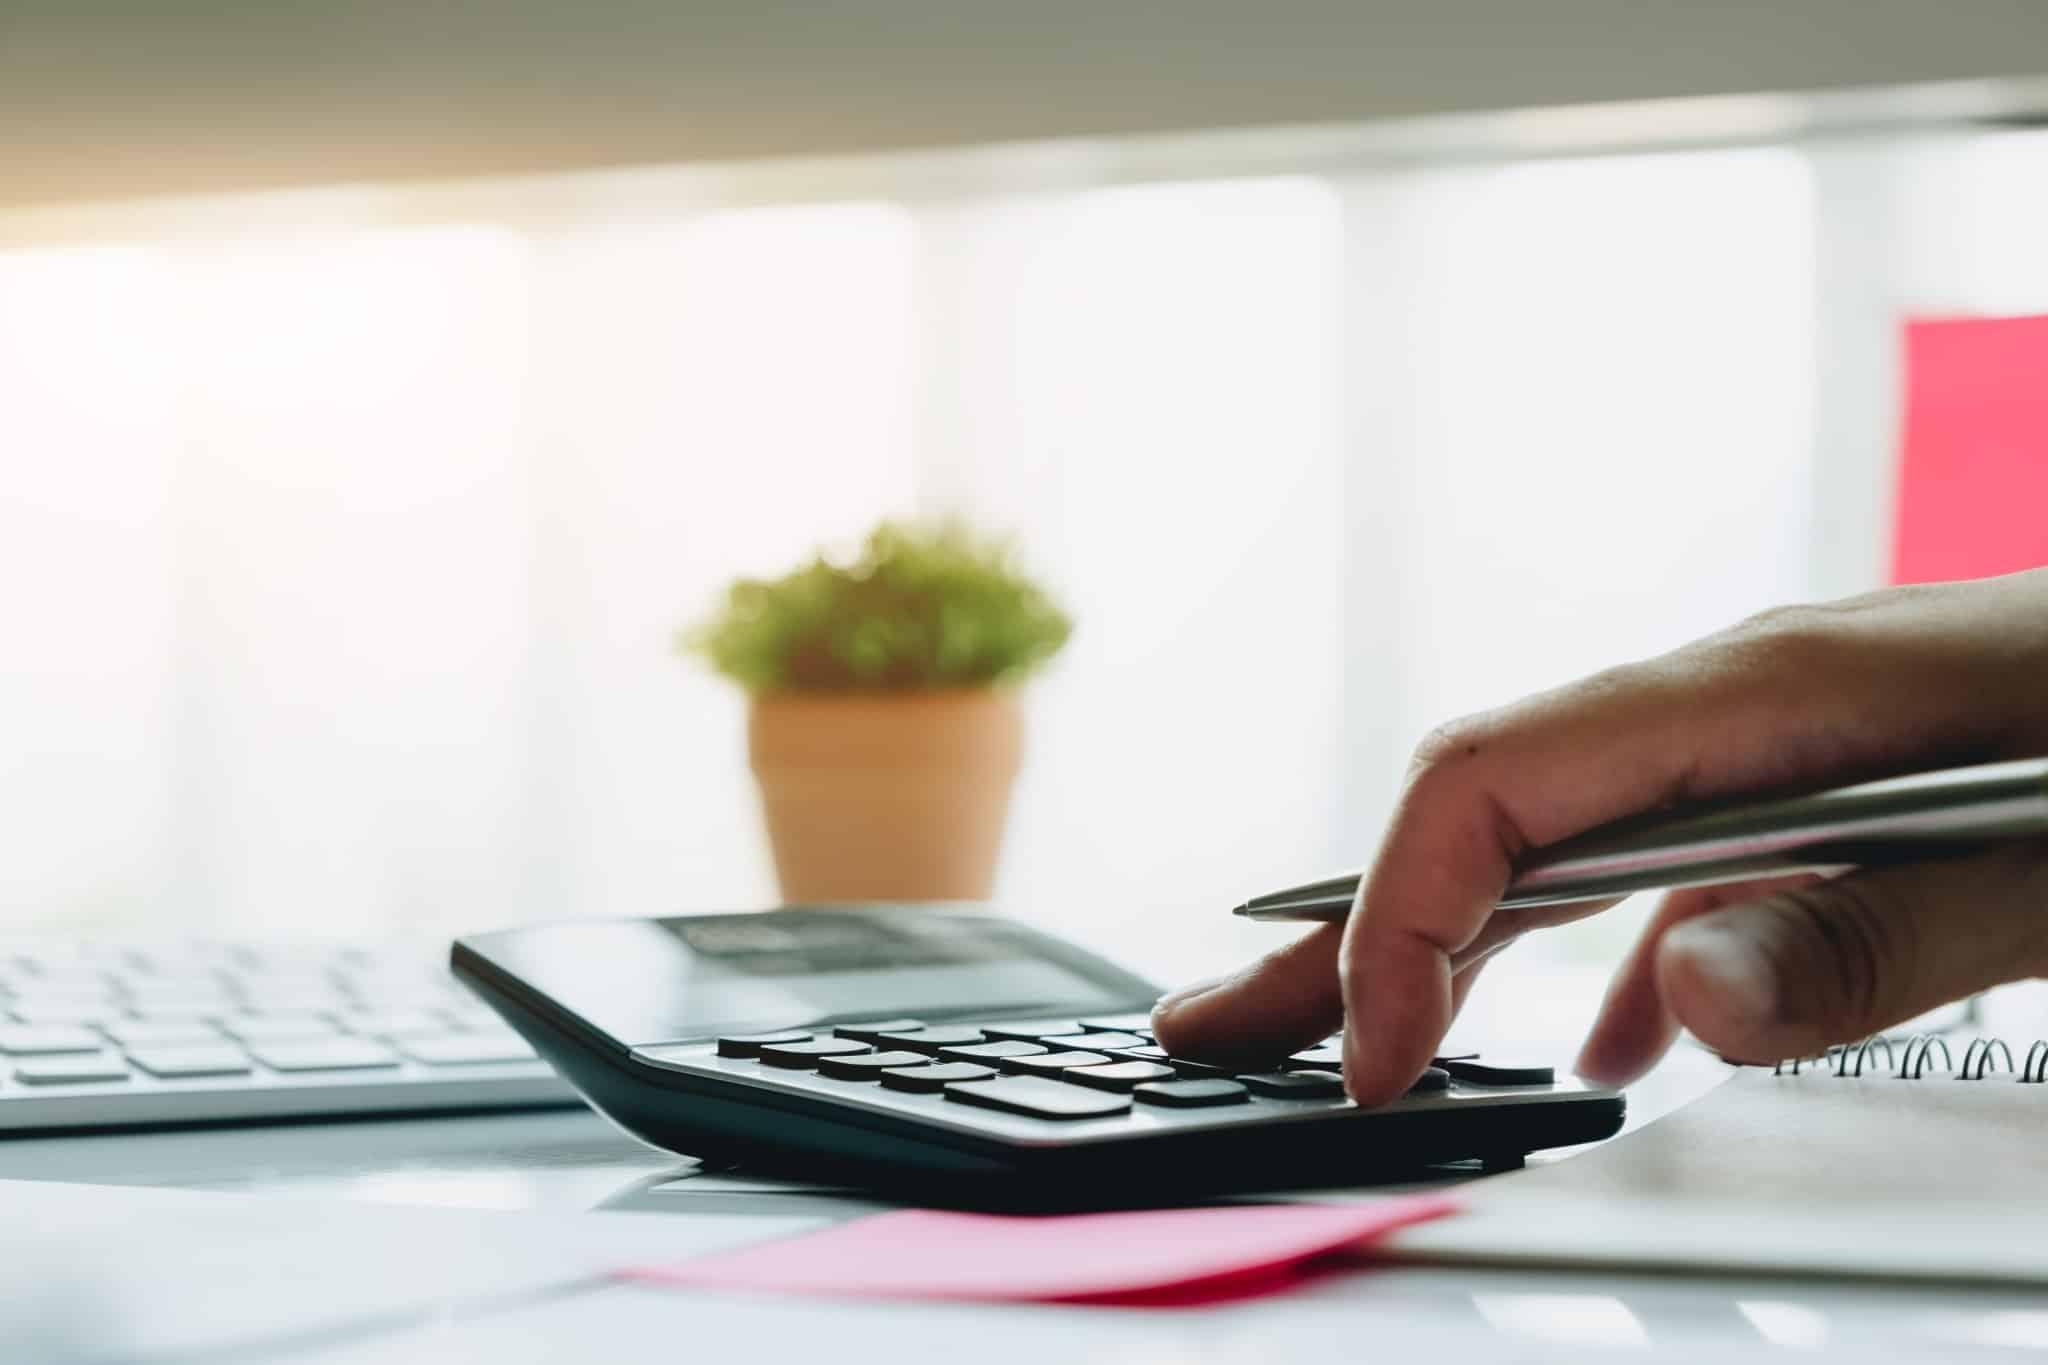 Uma caneta na mão, a fazer contas na máquina calculadora